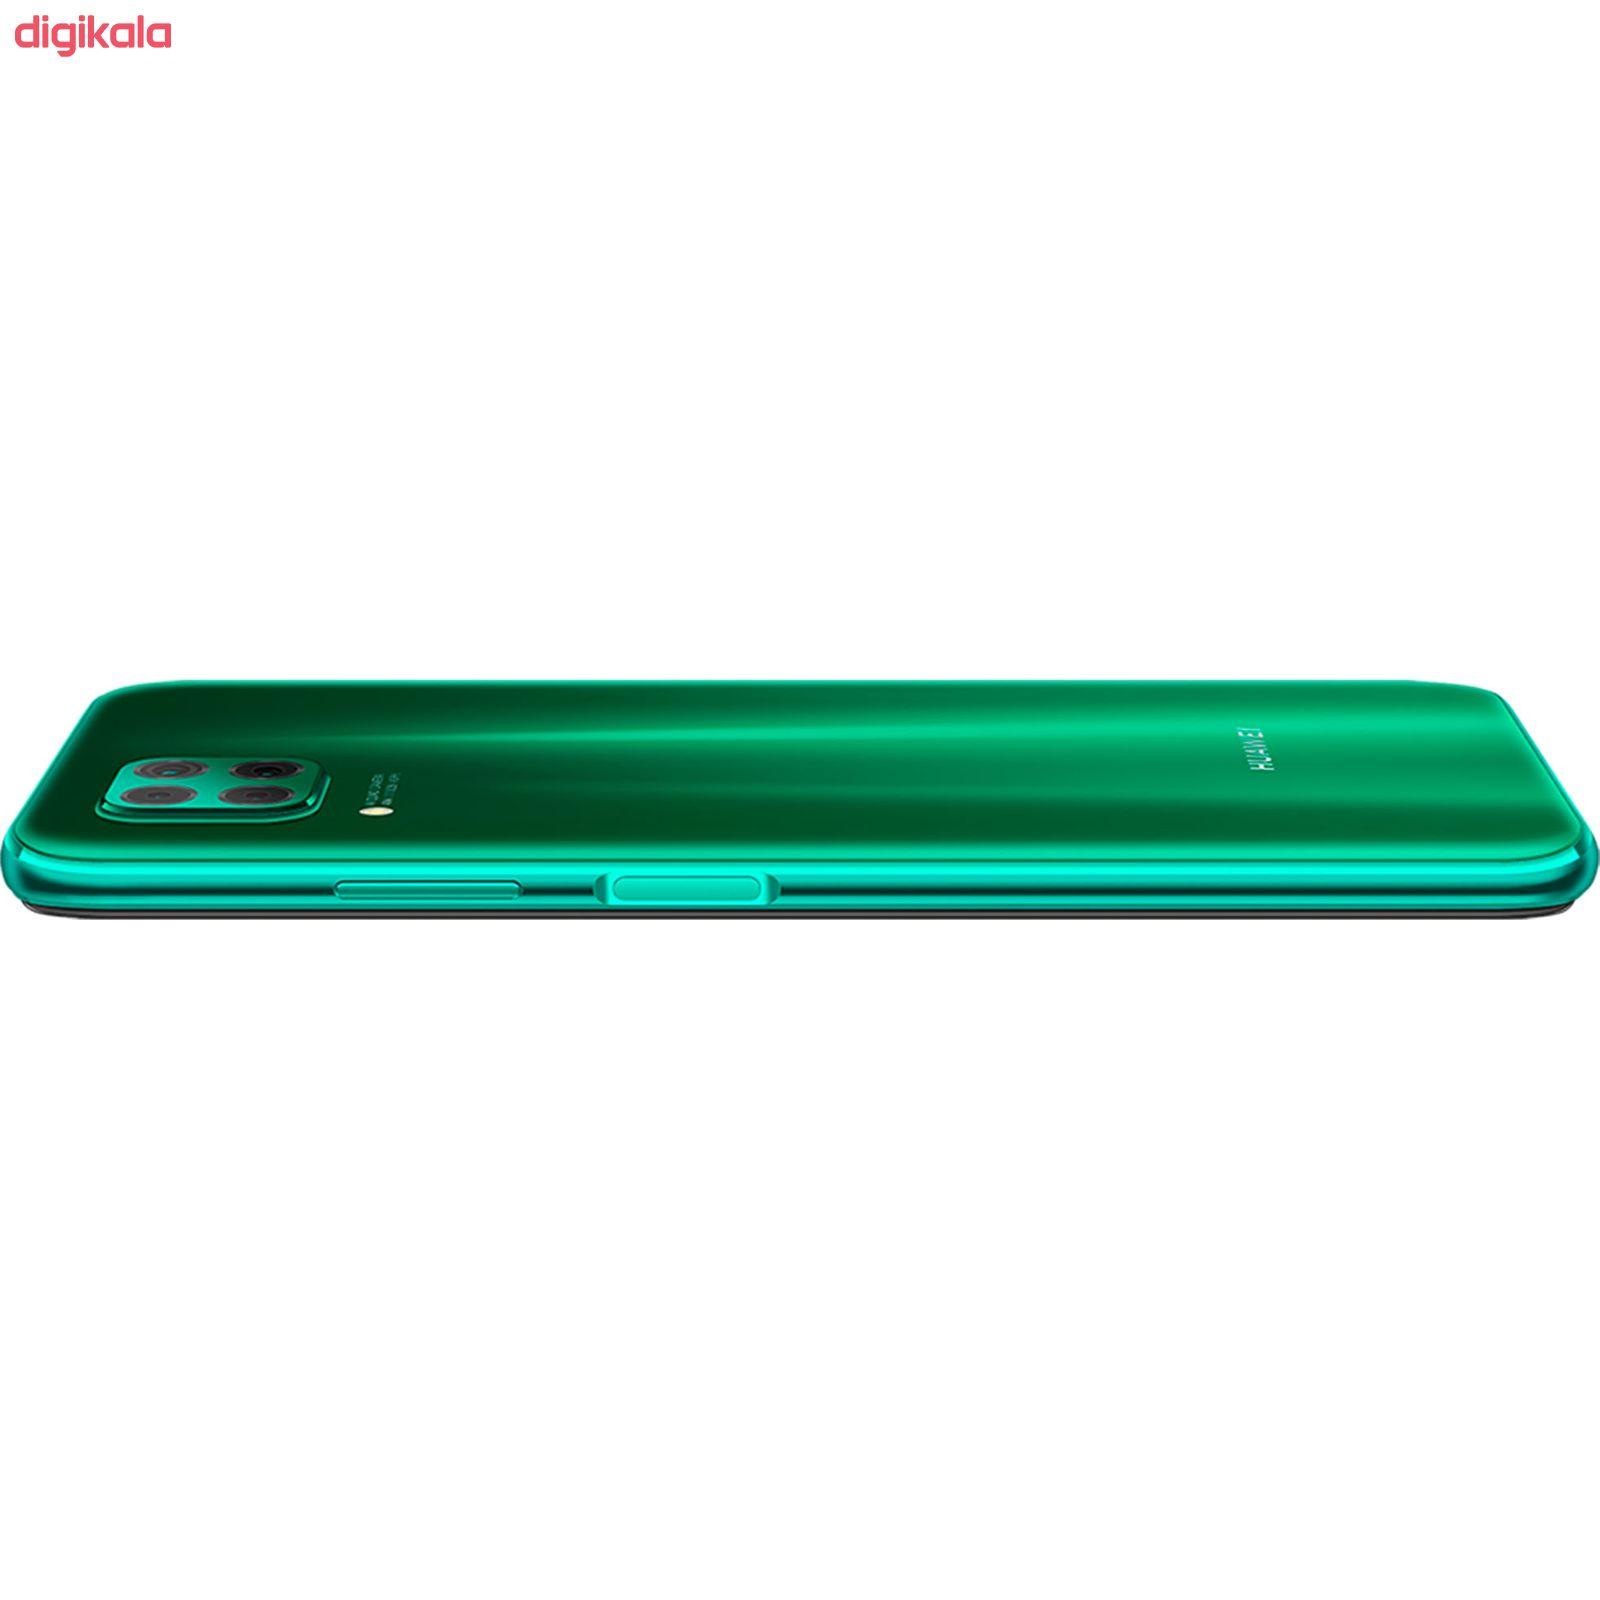 گوشی موبایل هوآوی مدل Nova 7i JNY-LX1 دو سیم کارت ظرفیت 128 گیگابایت به همراه شارژر همراه هدیه main 1 23